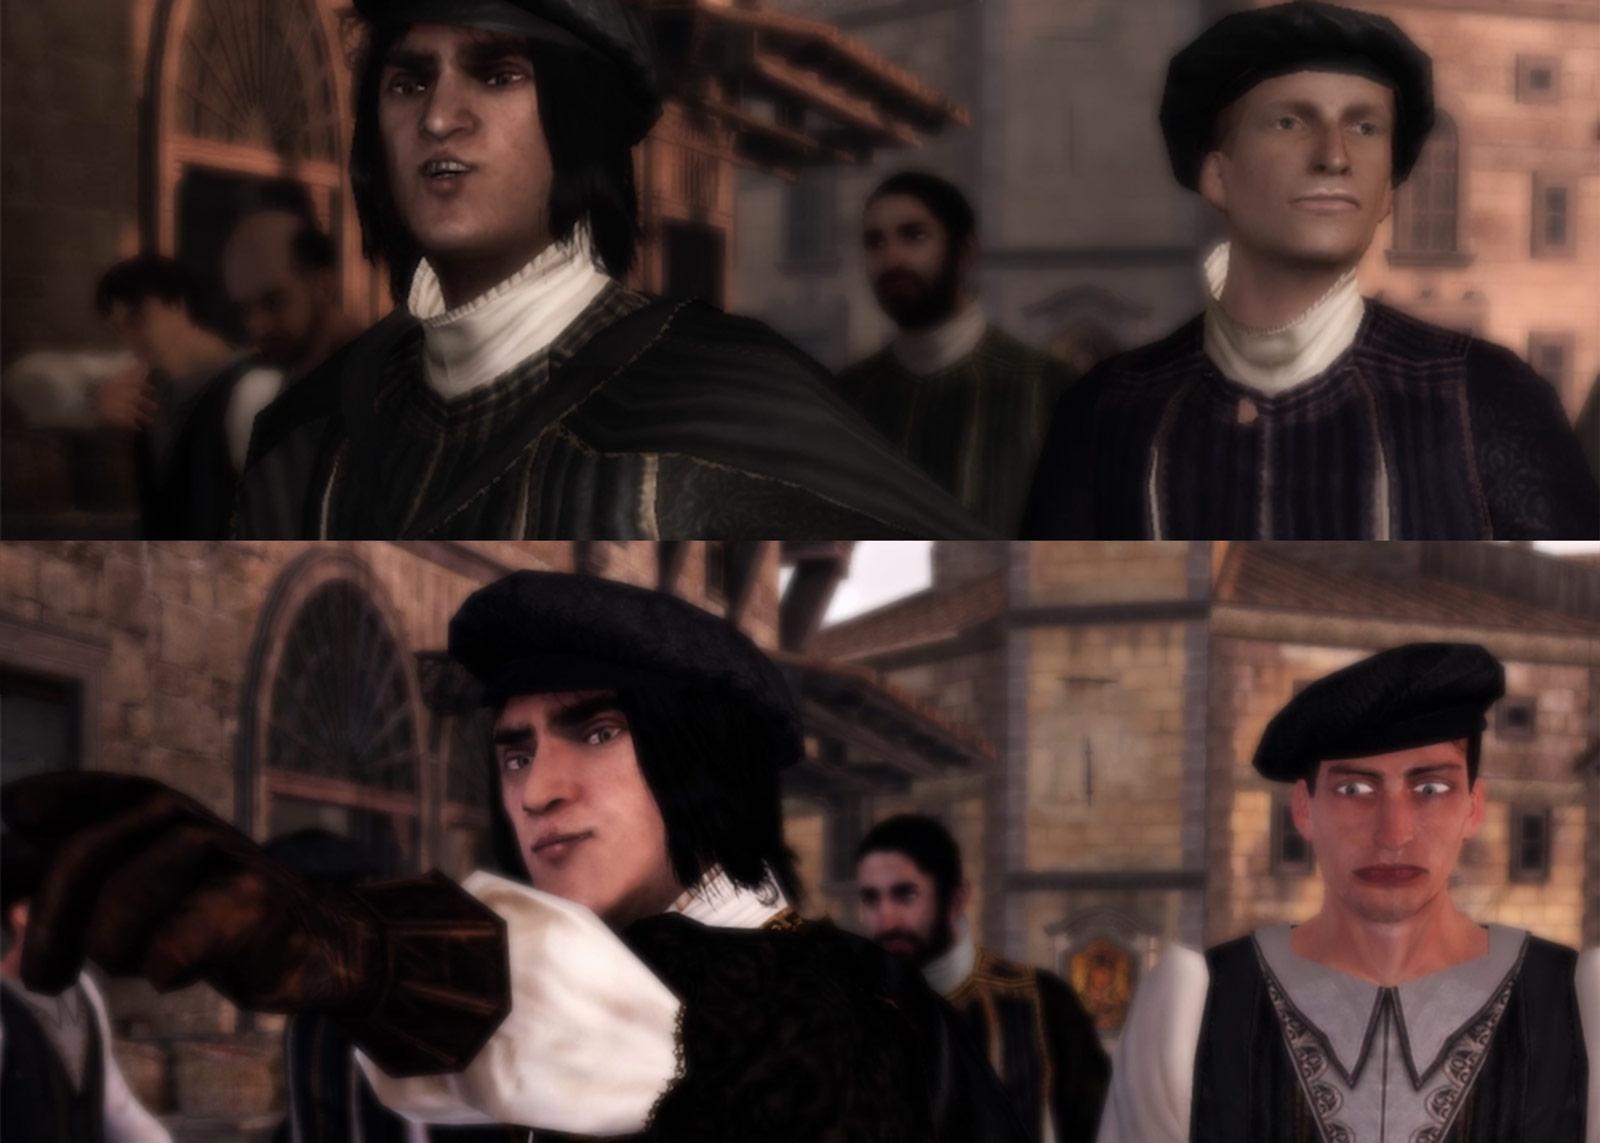 Comparaison d'une même scène sur Xbox 360 (en haut) et Xbox One (en bas).